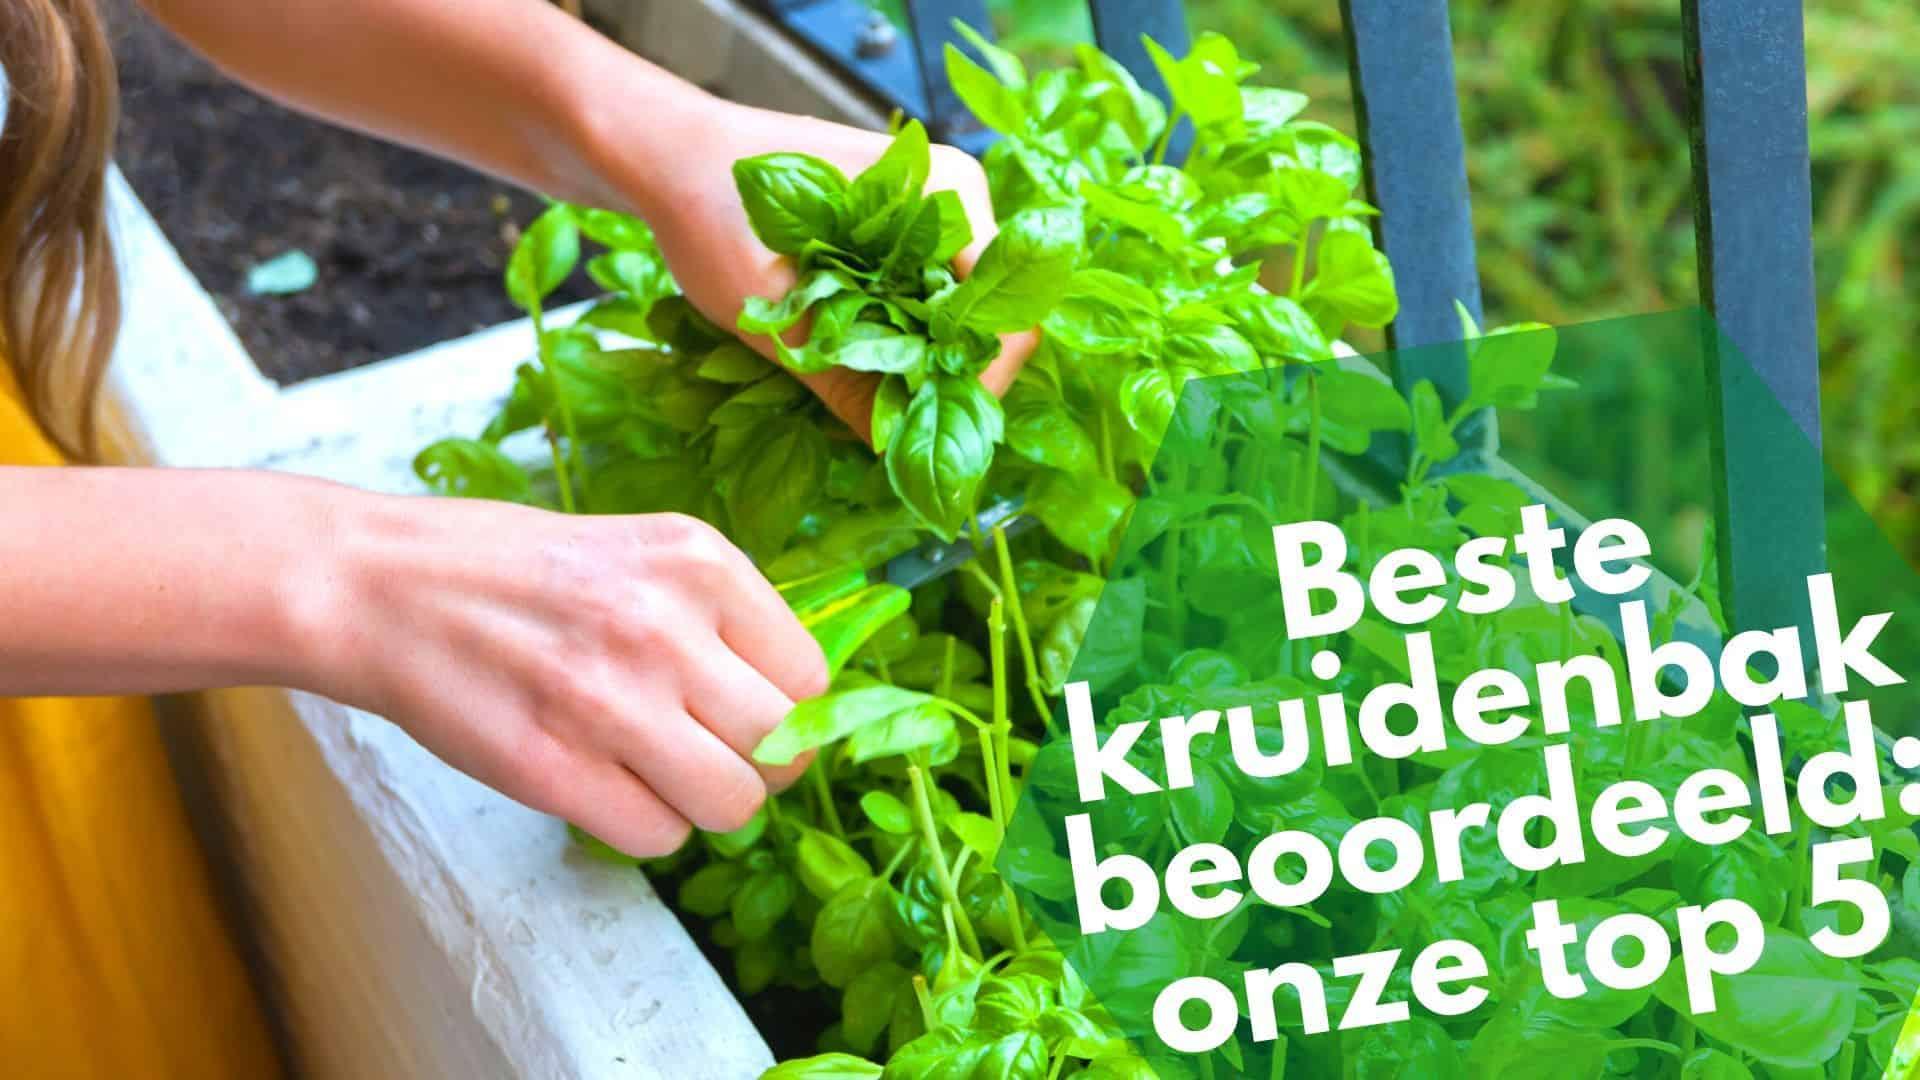 Beste kruidenbak top 5 | lekker thuis je eigen kruiden kweken